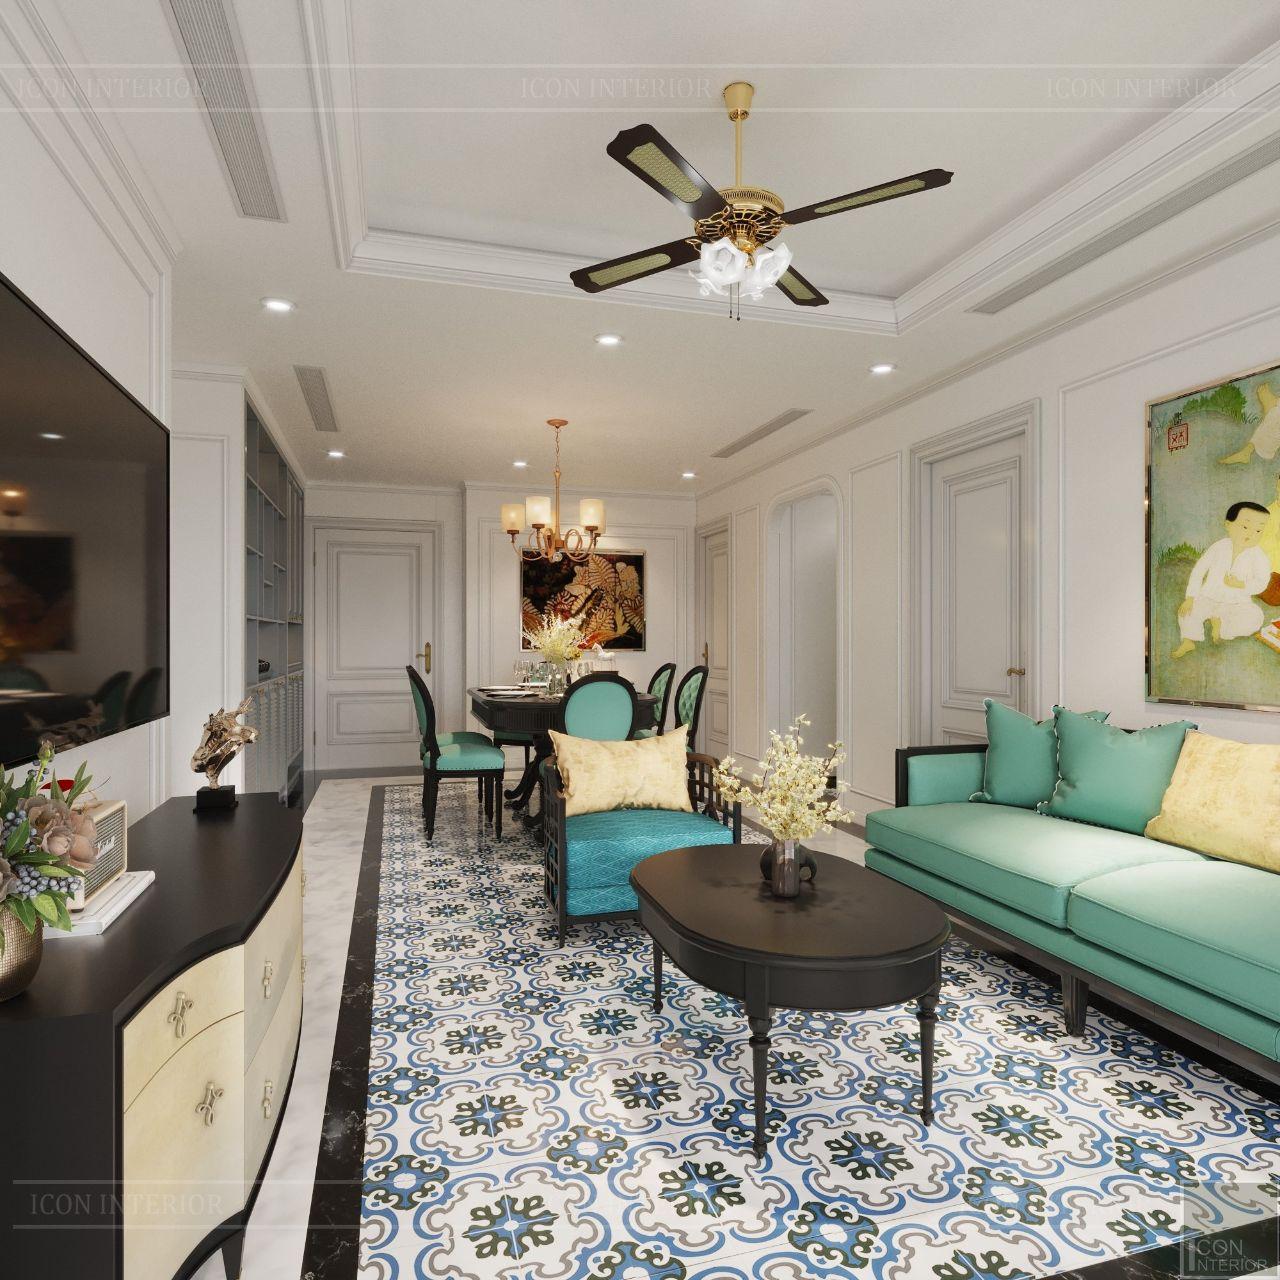 mẫu thiết kế phòng khách chung cư nhỏ sang trọng